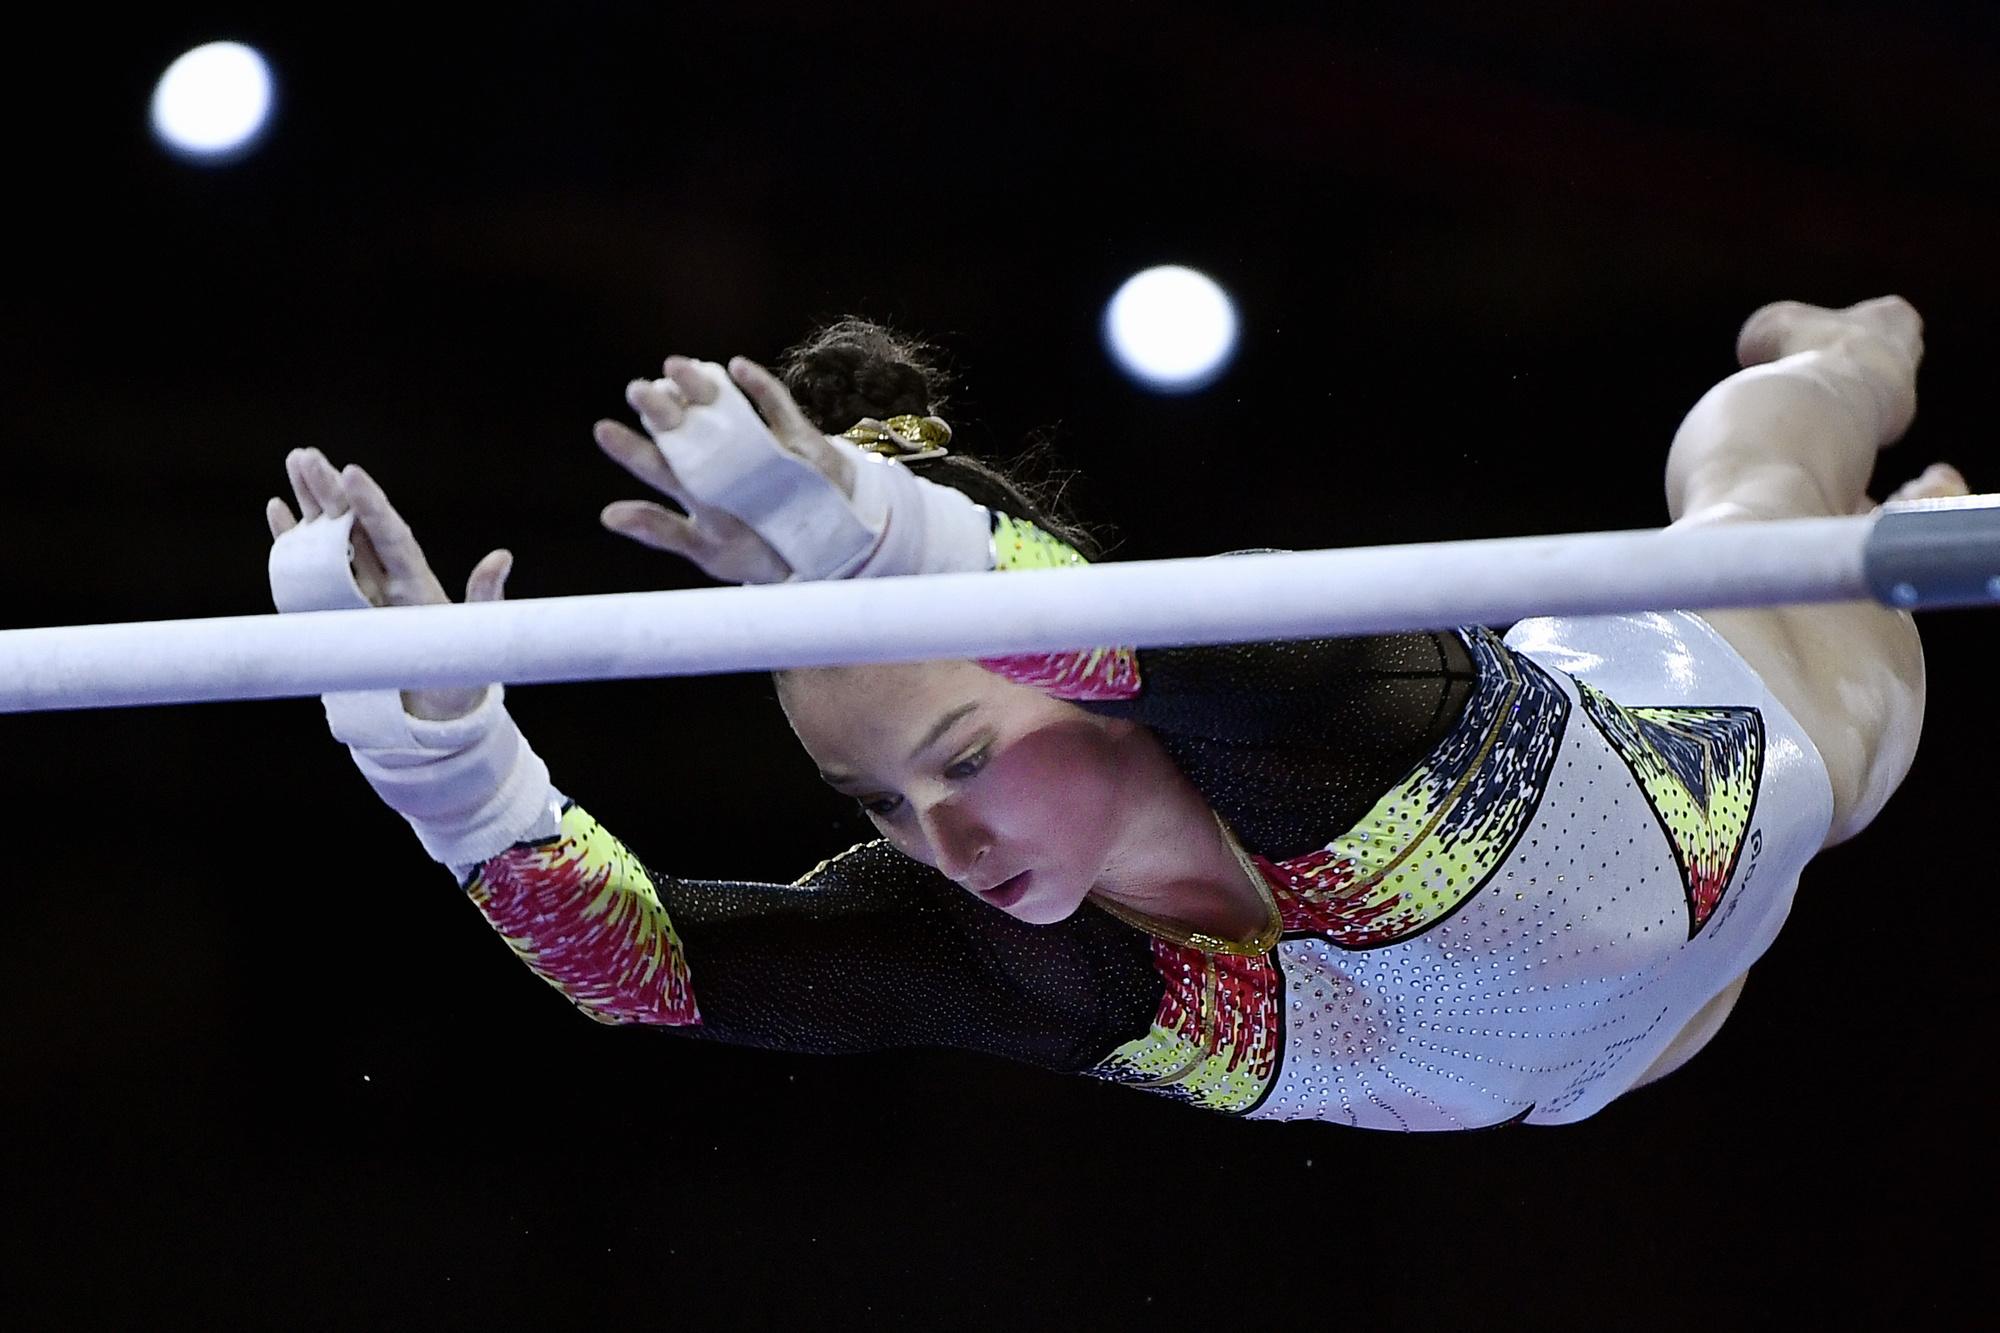 Met Nina Derwael lijkt België al minstens 1 gouden medaille te veroveren op de Olympische Spelen in Tokio., Belga Image